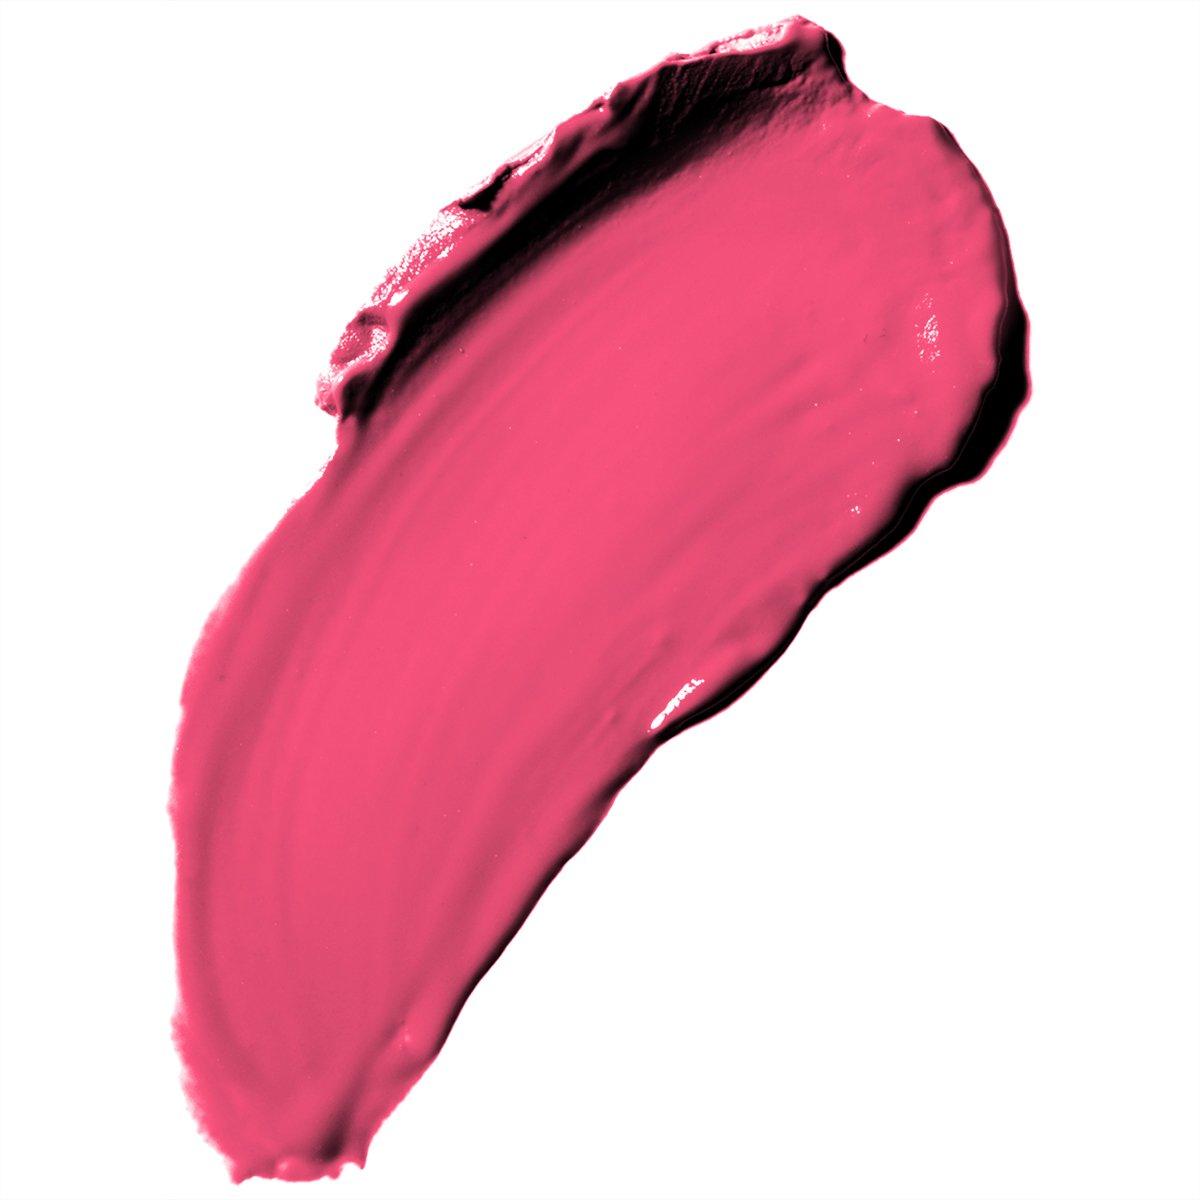 Glo Skin Beauty Suede Matte Crayon - Sorbet - Chunky Longwear Lip Stick Pencil, 7 Shades | Cruelty Free by Glo Skin Beauty (Image #5)